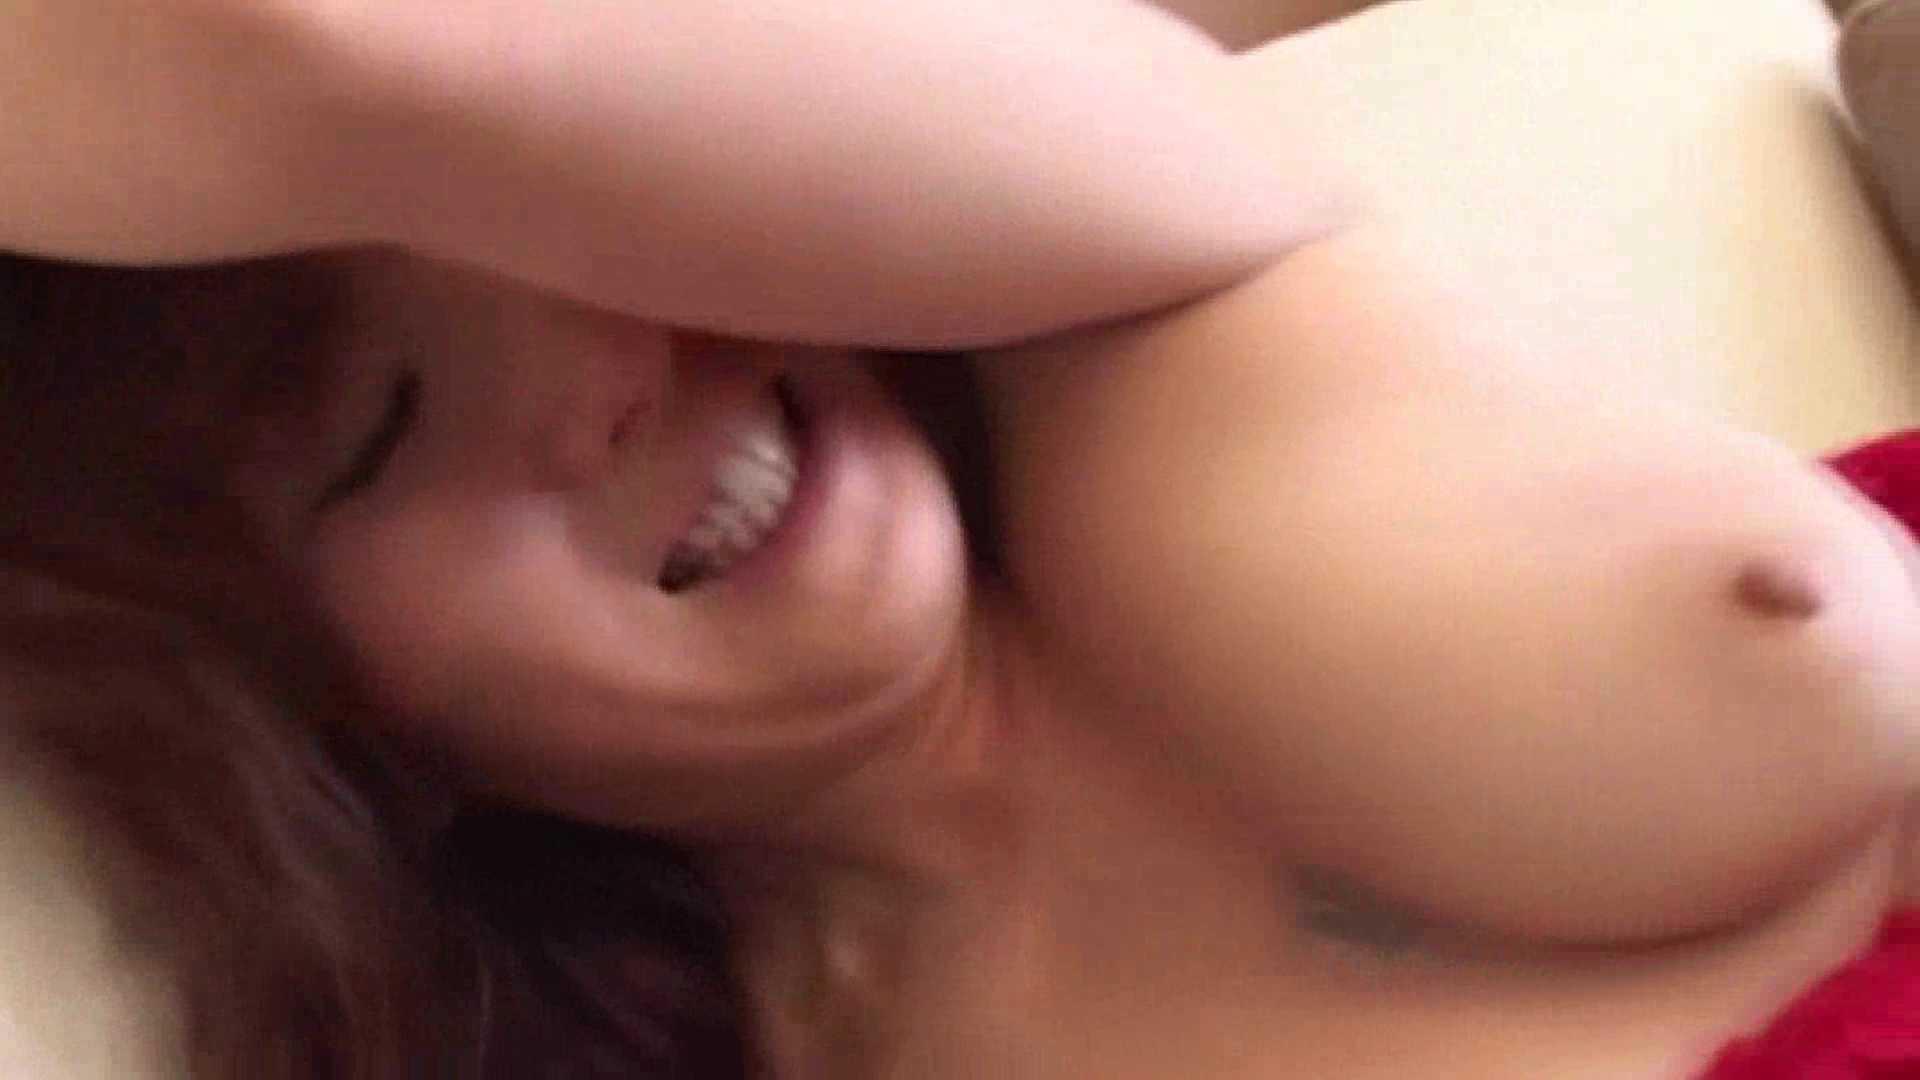 Hで可愛くてケシカラン! Vol.05 マンコ  30連発 13